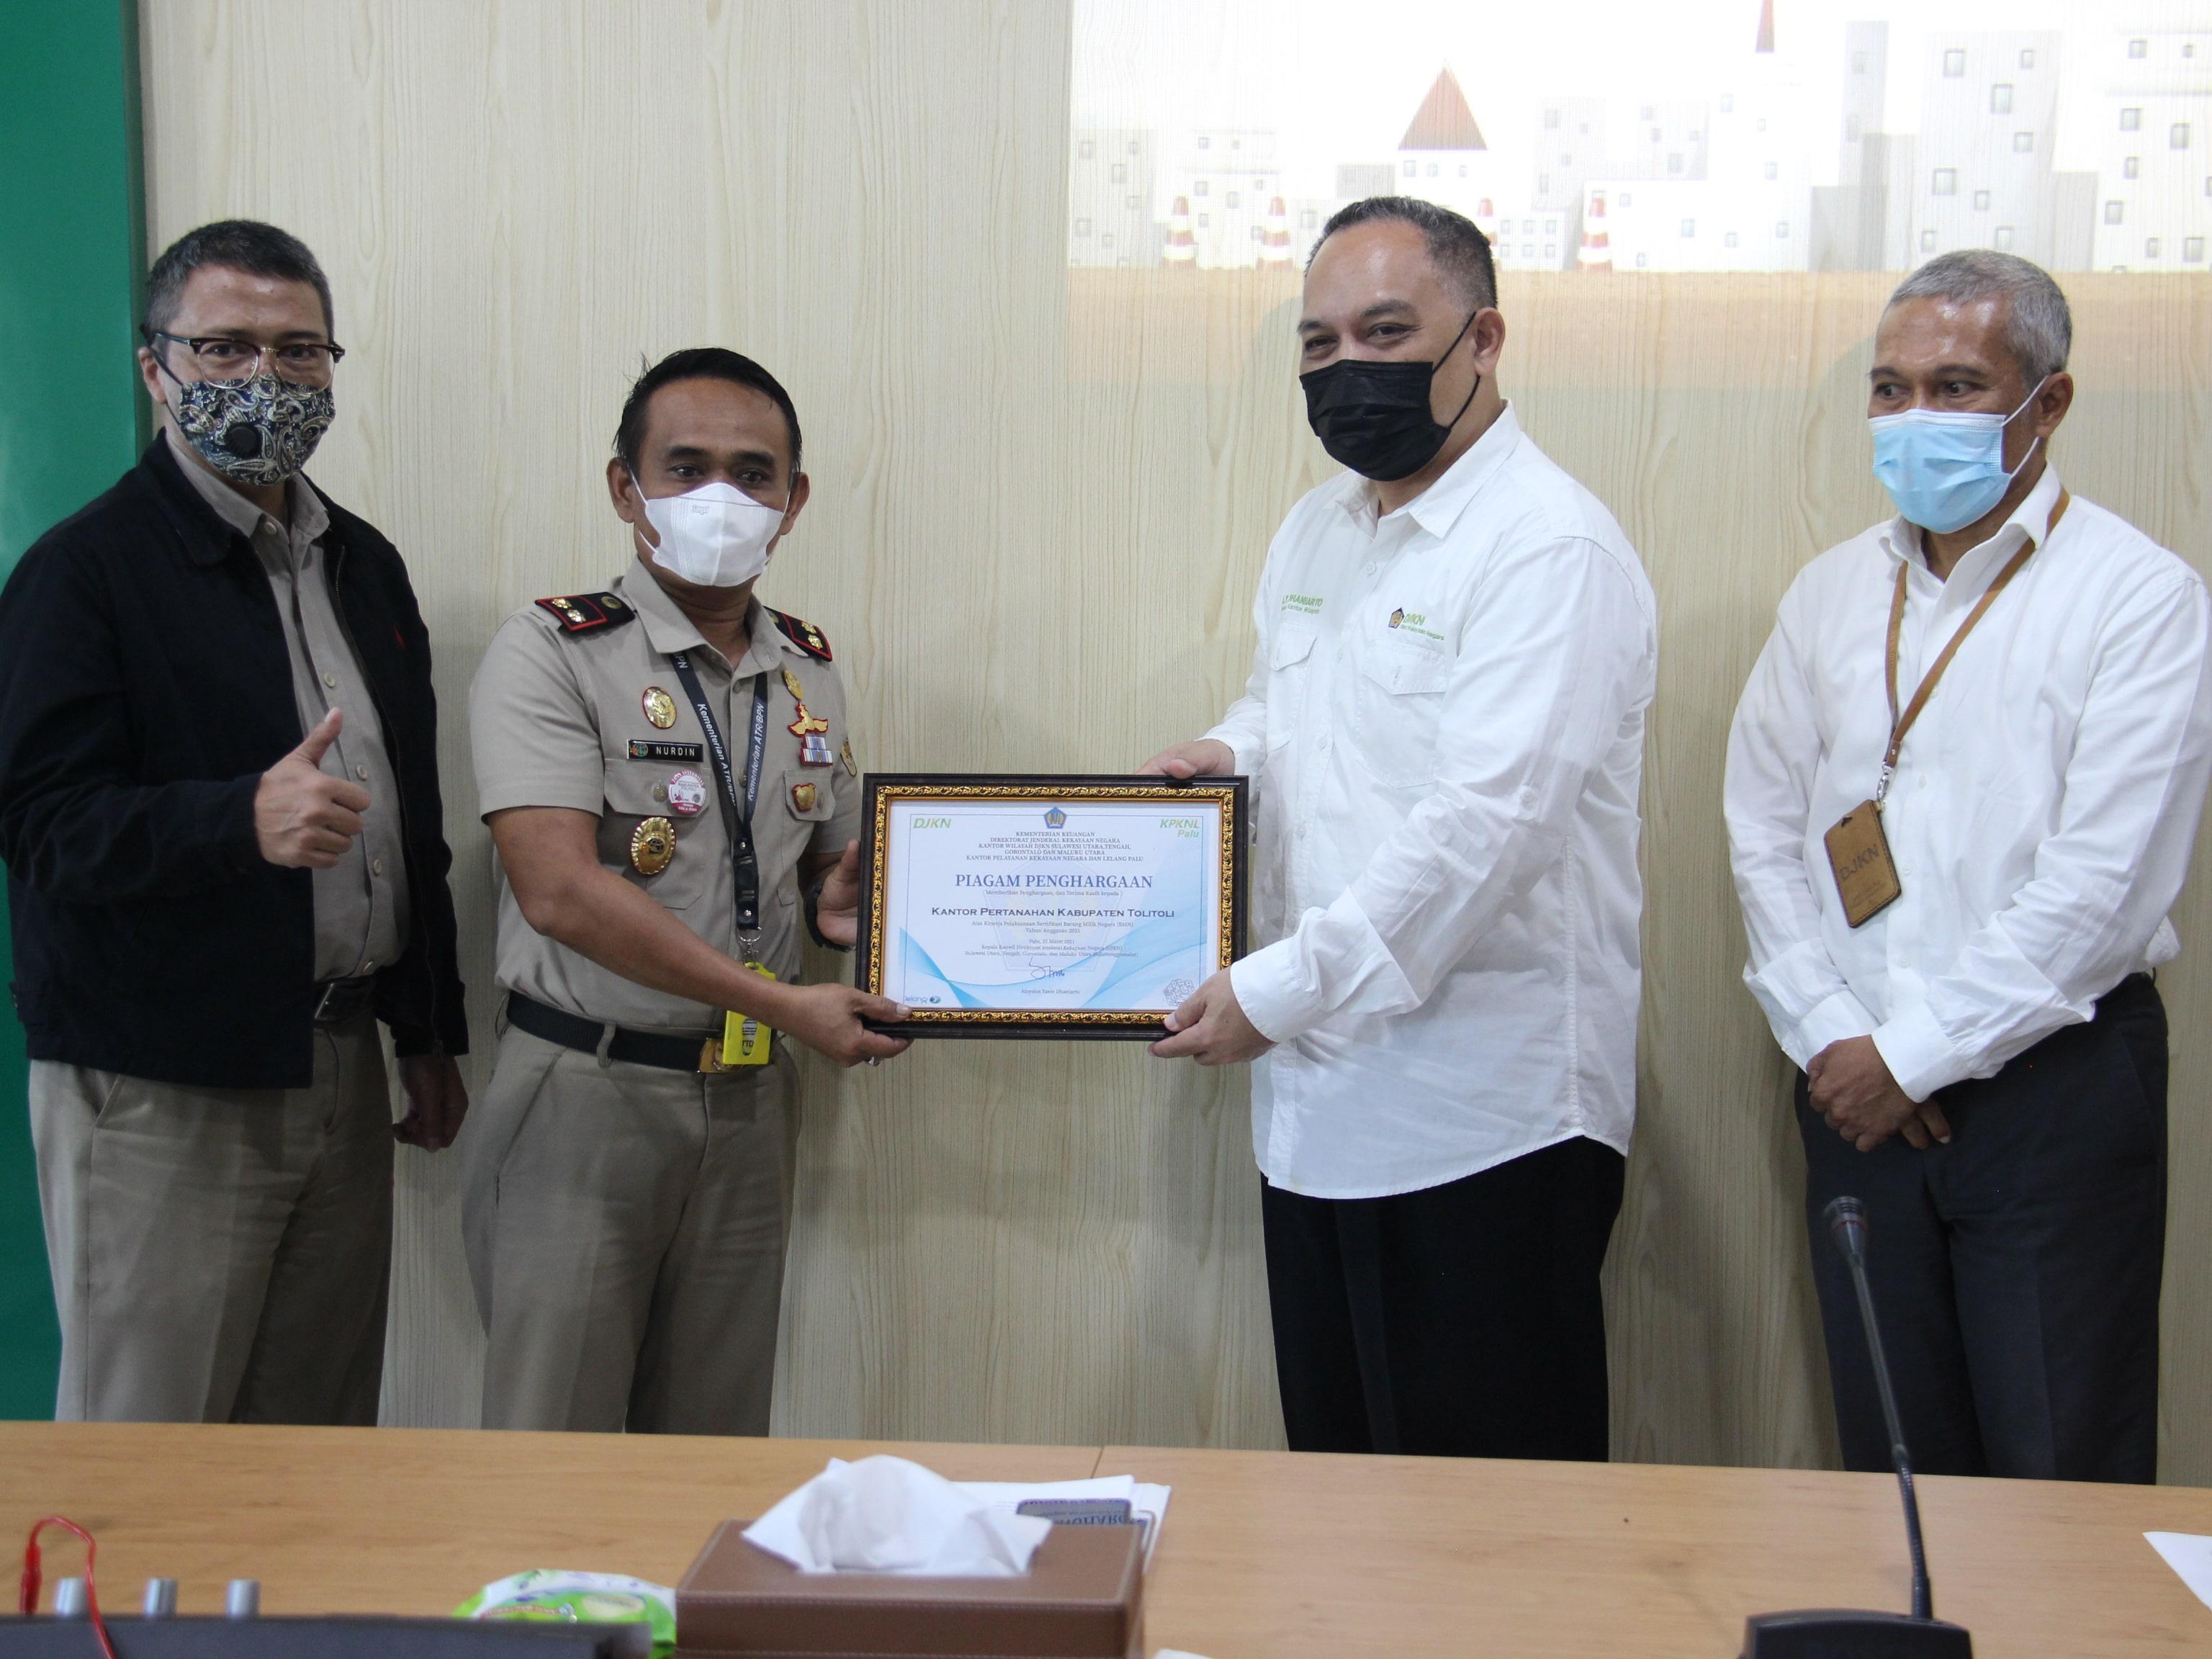 BPN Sulawesi Tengah Siap Capai Target Pensertipikatan 1.638 Bidang Tanah BMN